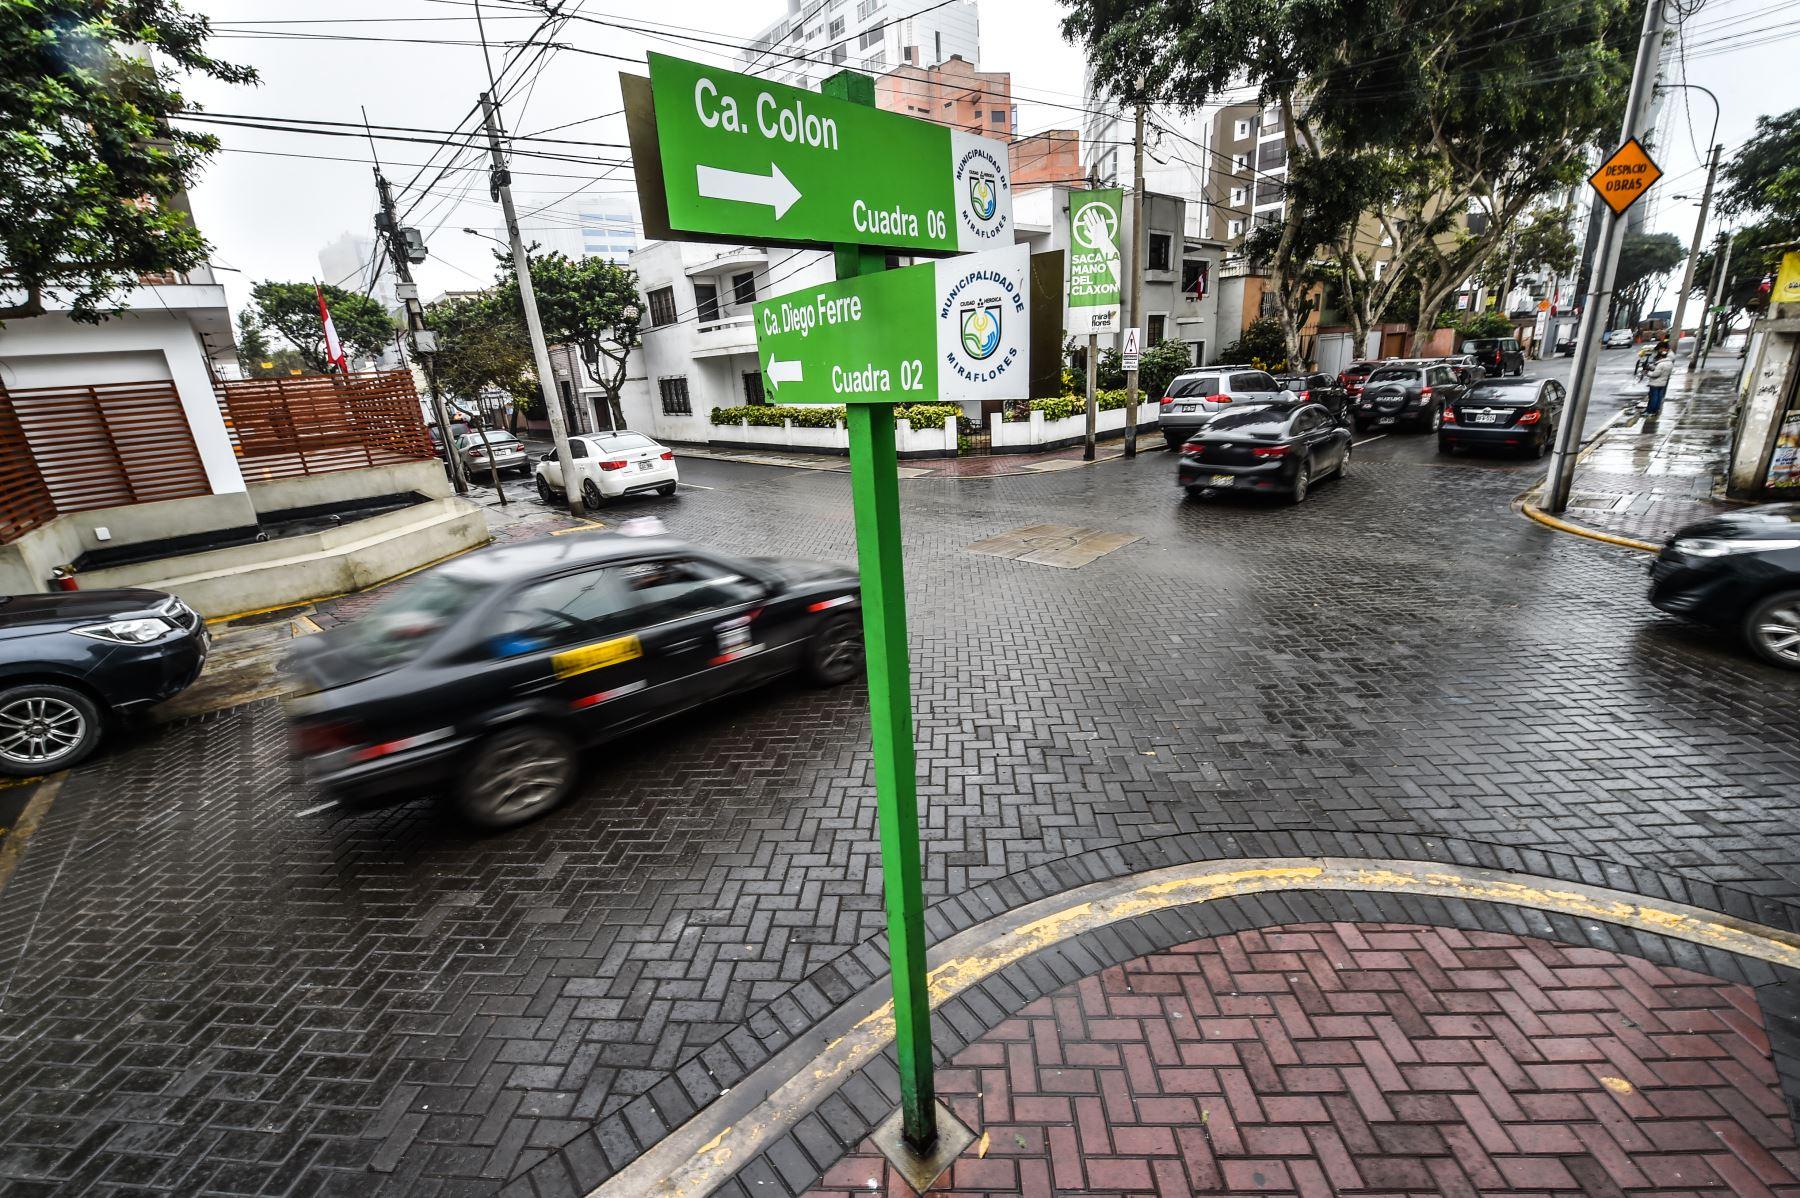 Intersección de la Calle Colon con Calle Diego Ferre, San Isidro  ANDINA/ José Sotomayor